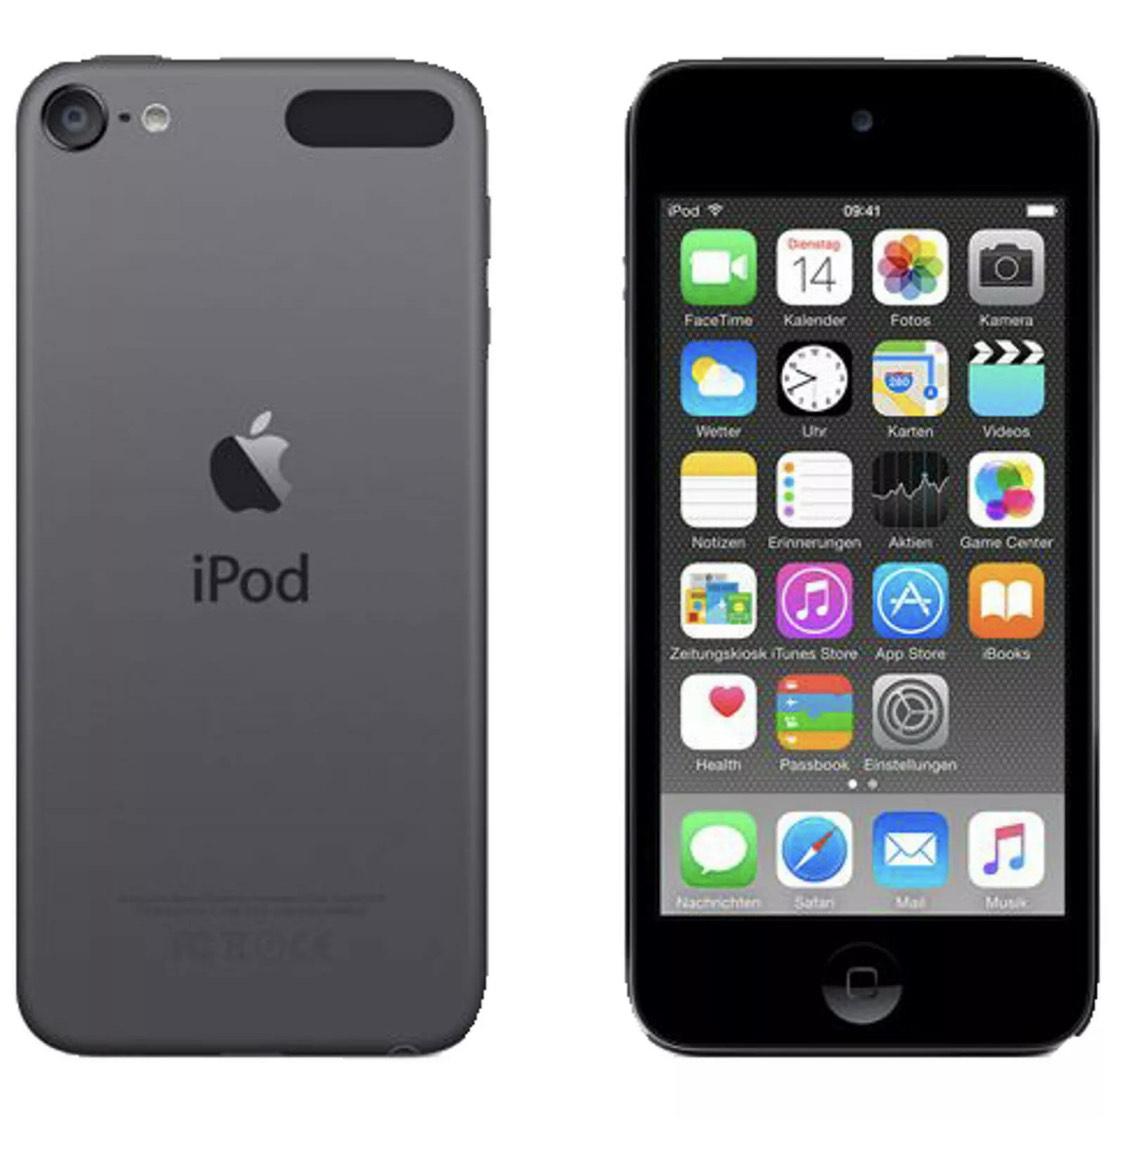 Apple iPod  32GB 6. Gen space grey über ebay/Mediamarkt-Aktion kaufen und bei ReBuy für 140,39 Euro verkaufen (+2,5 Prozent Shoop)